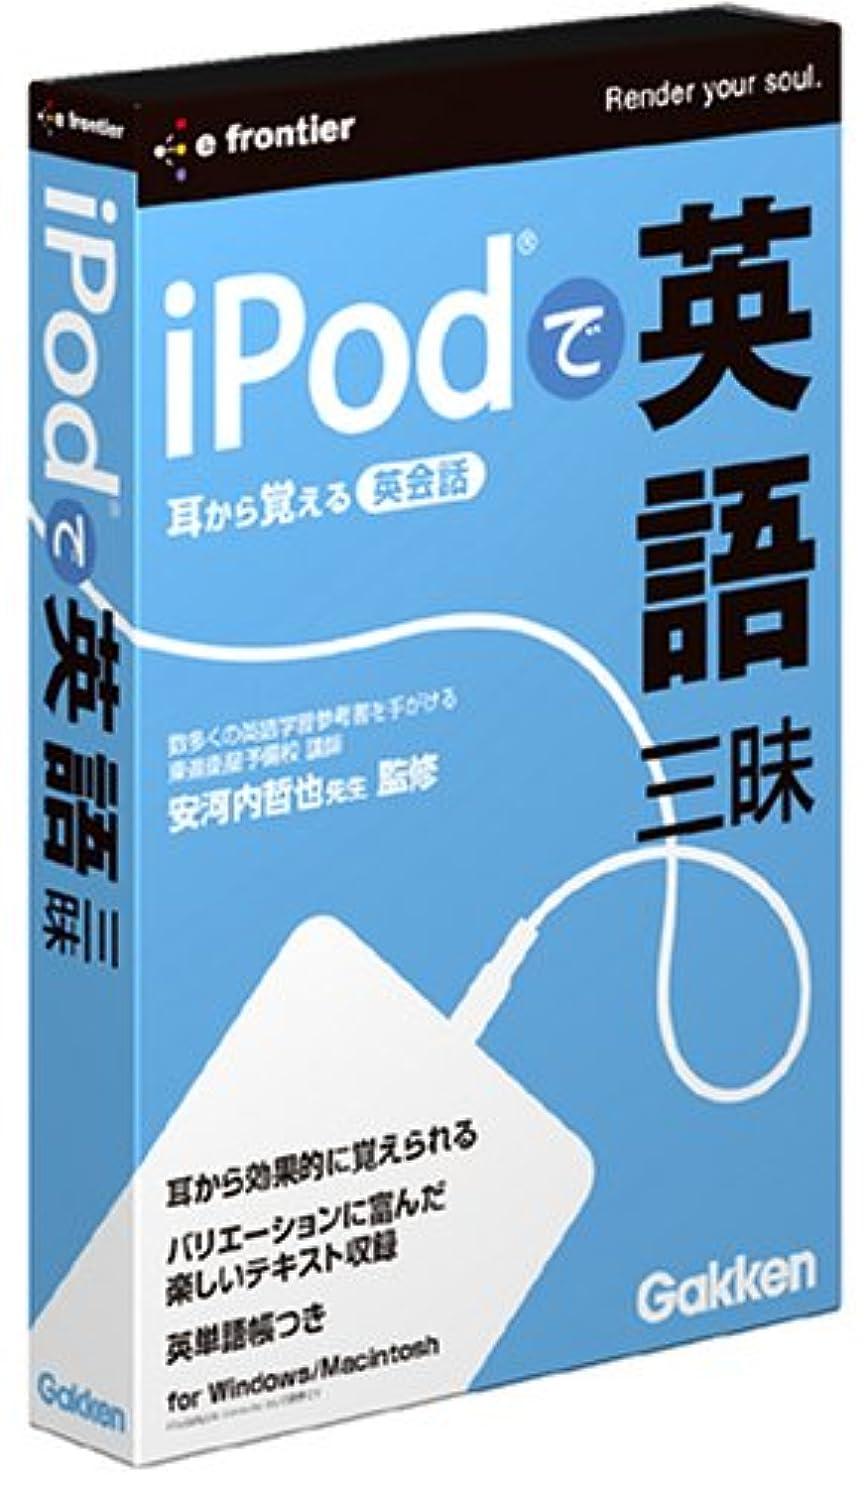 結核絶縁するテロイープライスシリーズ iPodで英語三昧